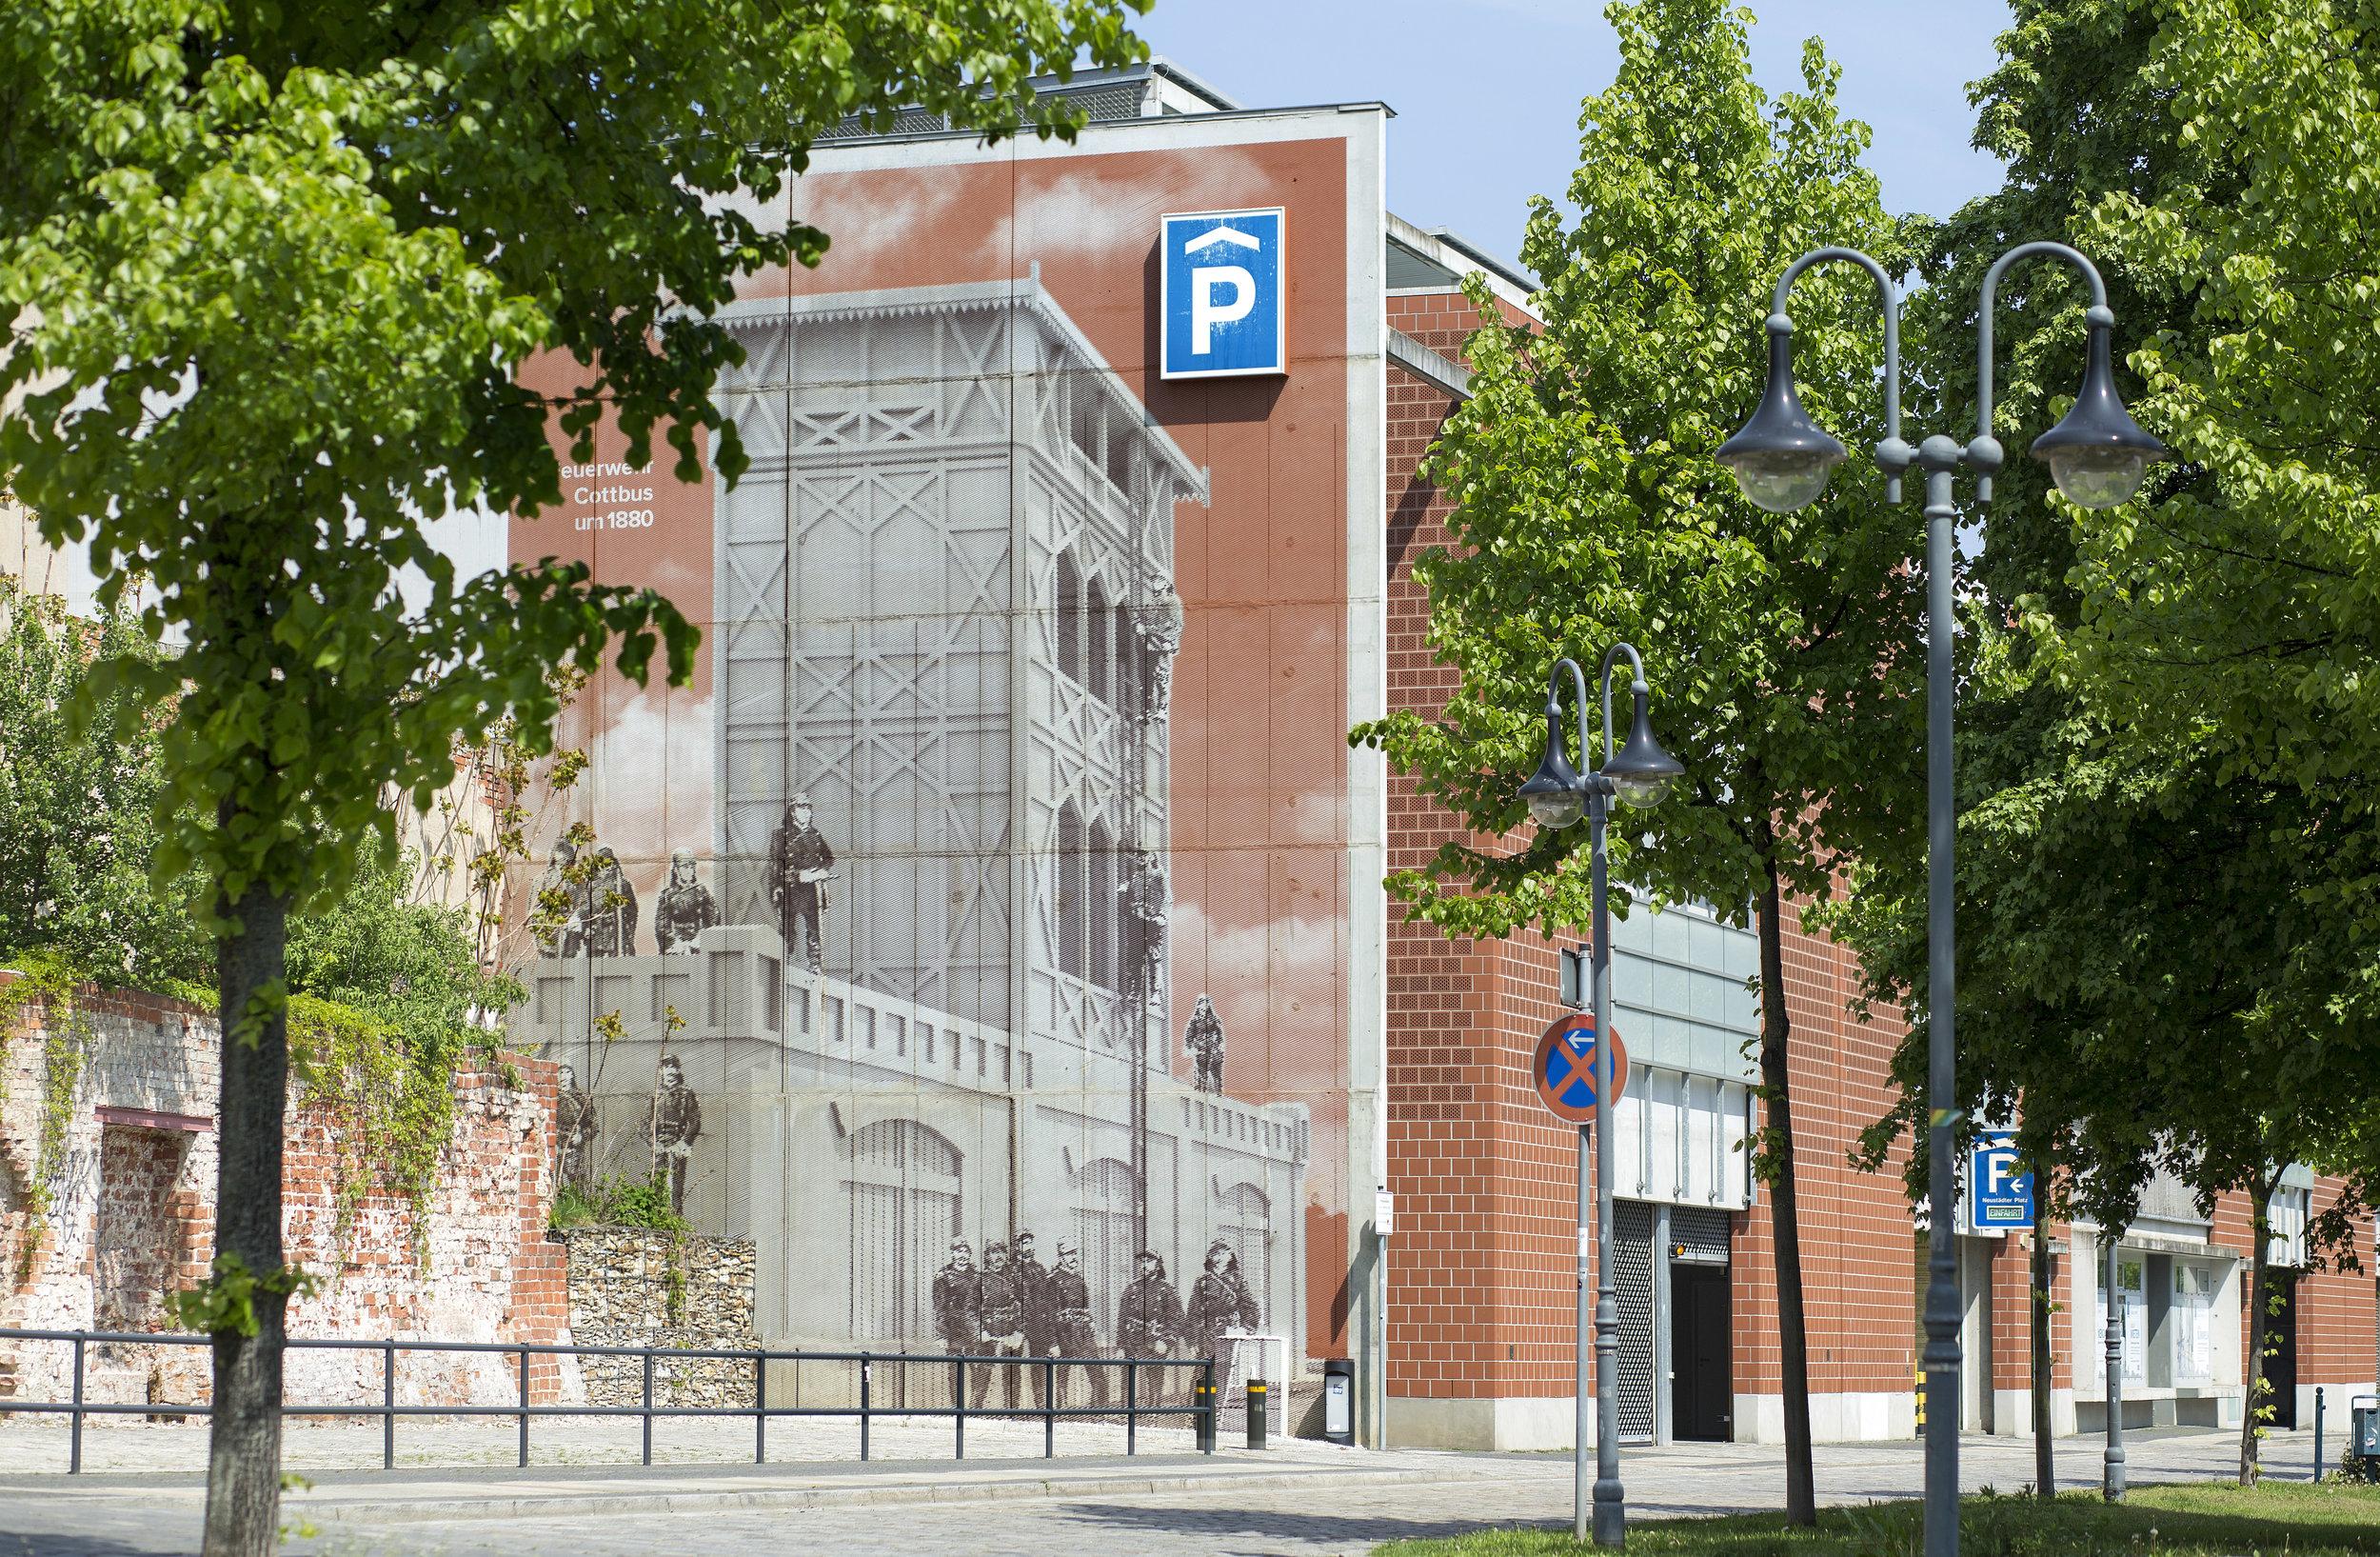 Wand-Malerei-Cottbus-Parkhaus-Giebel-rot-foto-Feuerwehr.jpg